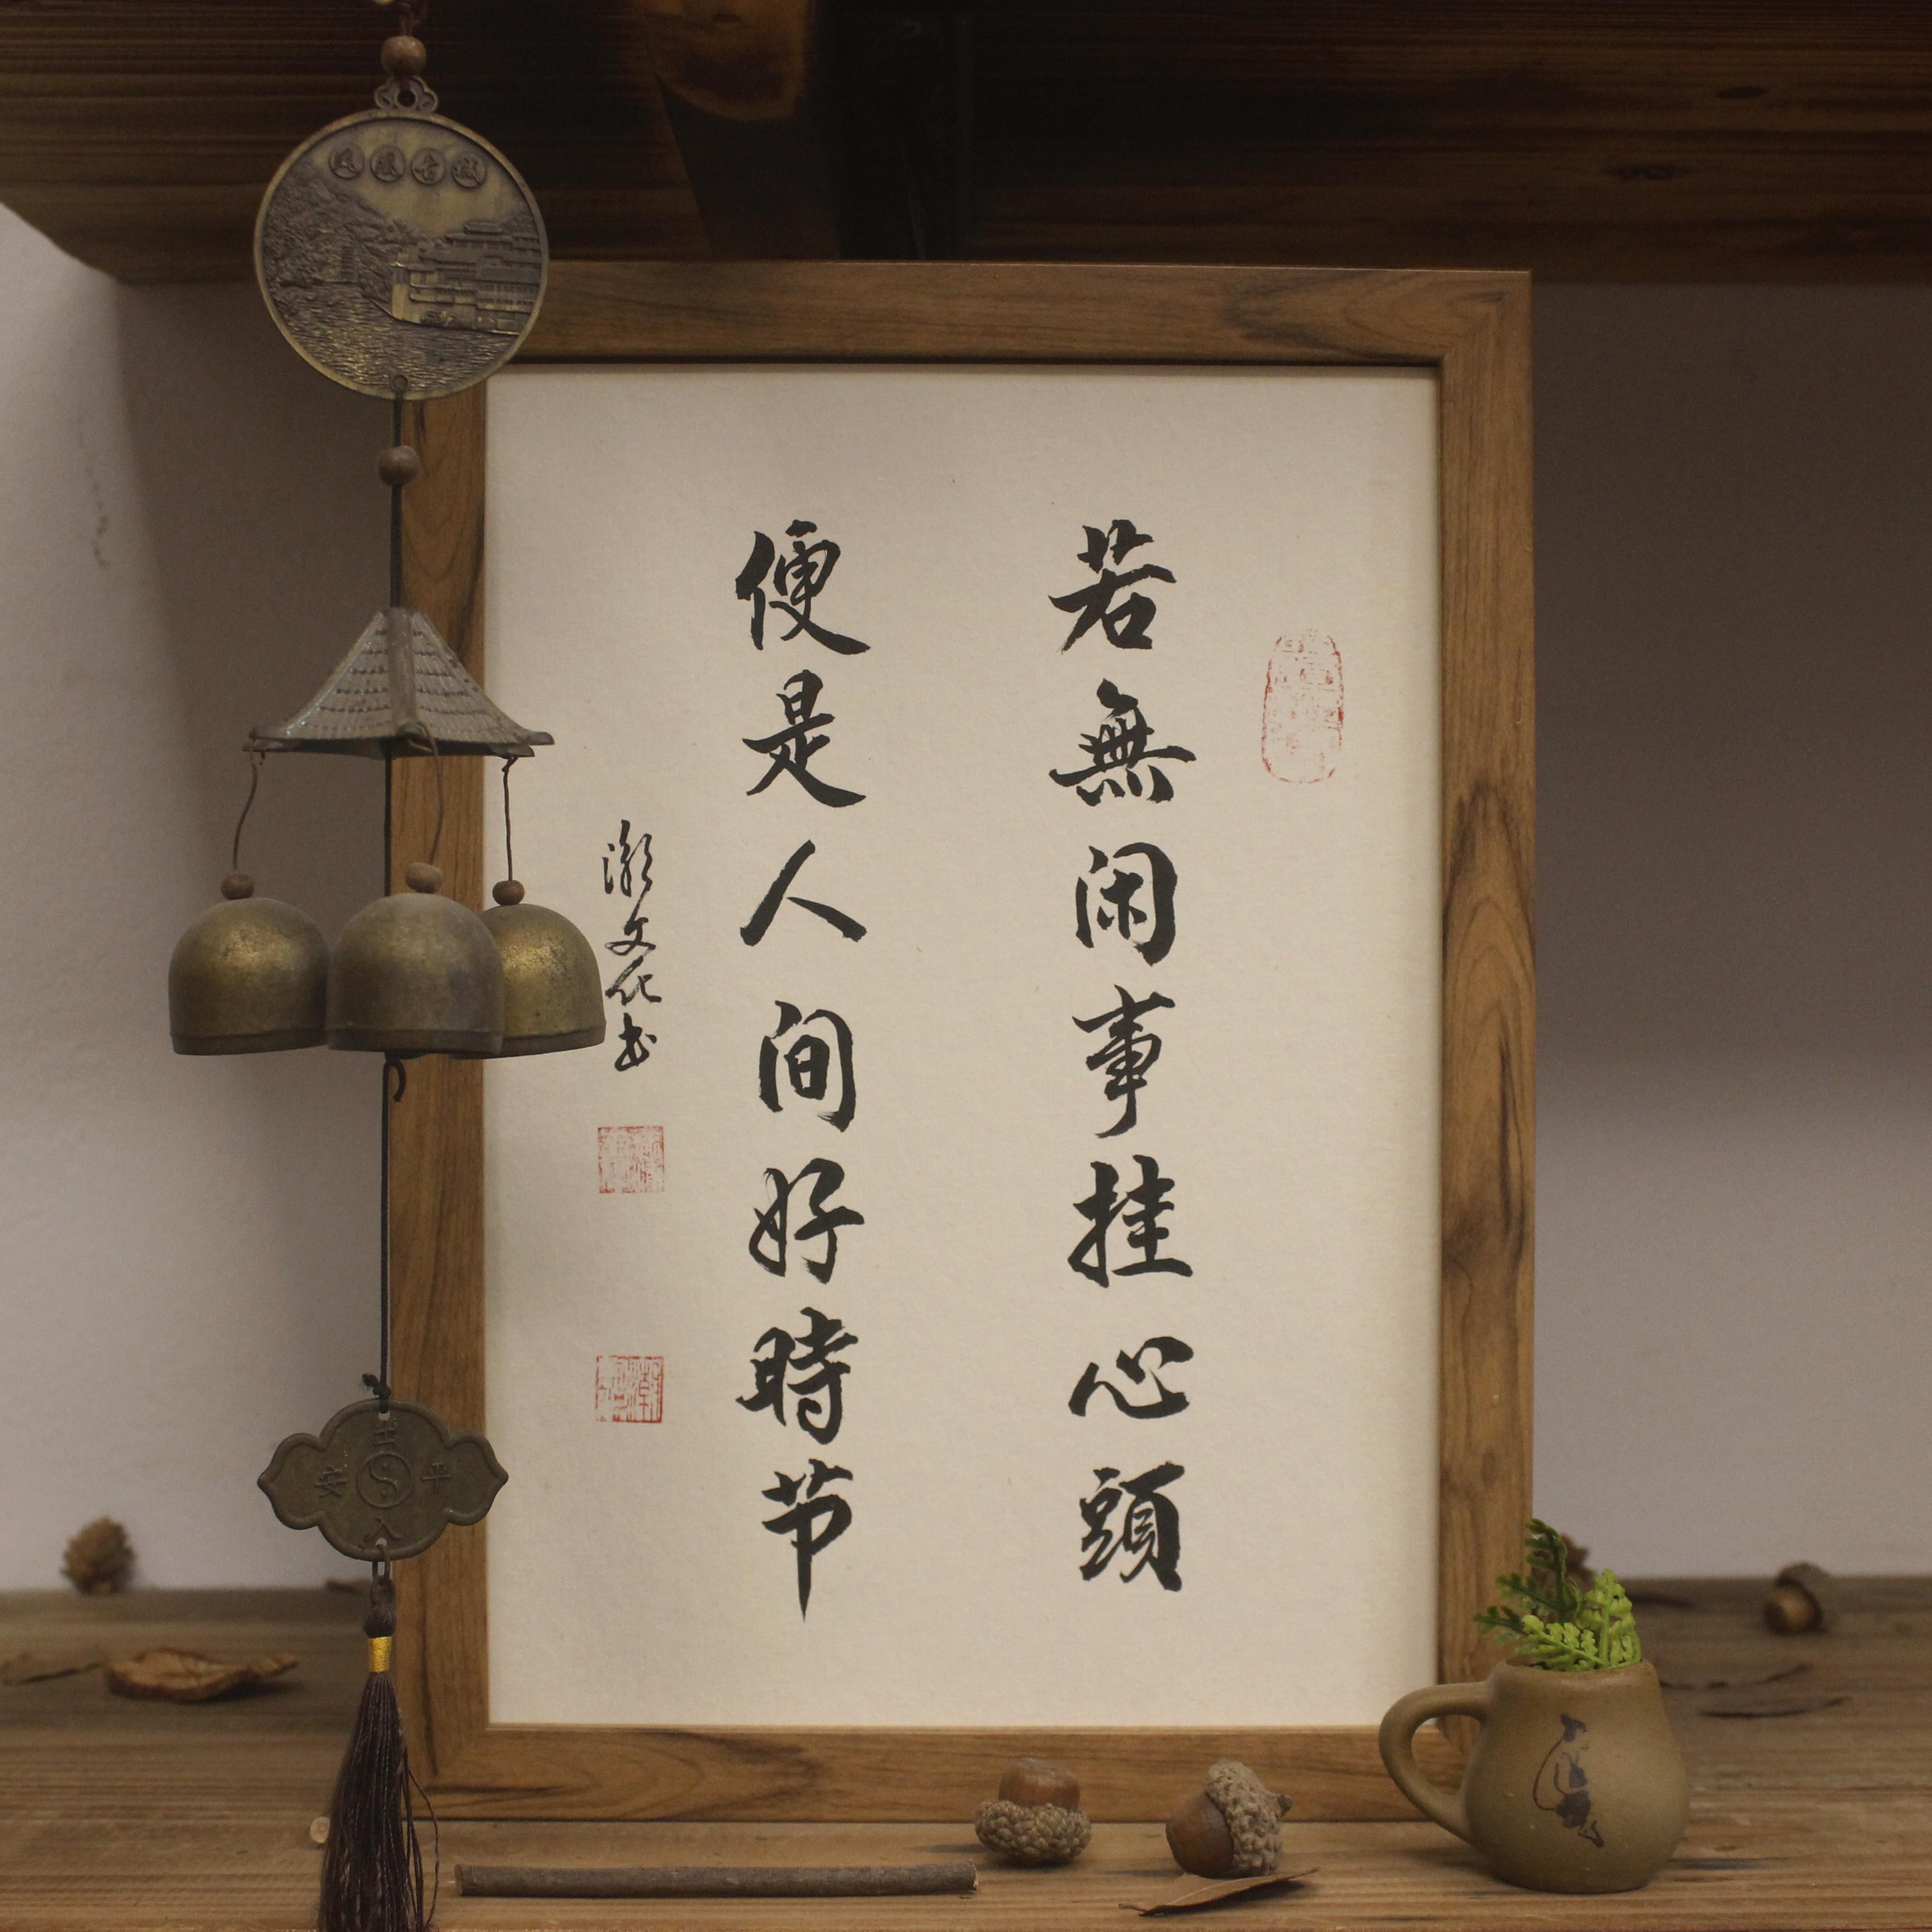 掛書法手寫真跡擺臺桌面送禮物若無閑事掛心頭便是人間好時節字畫